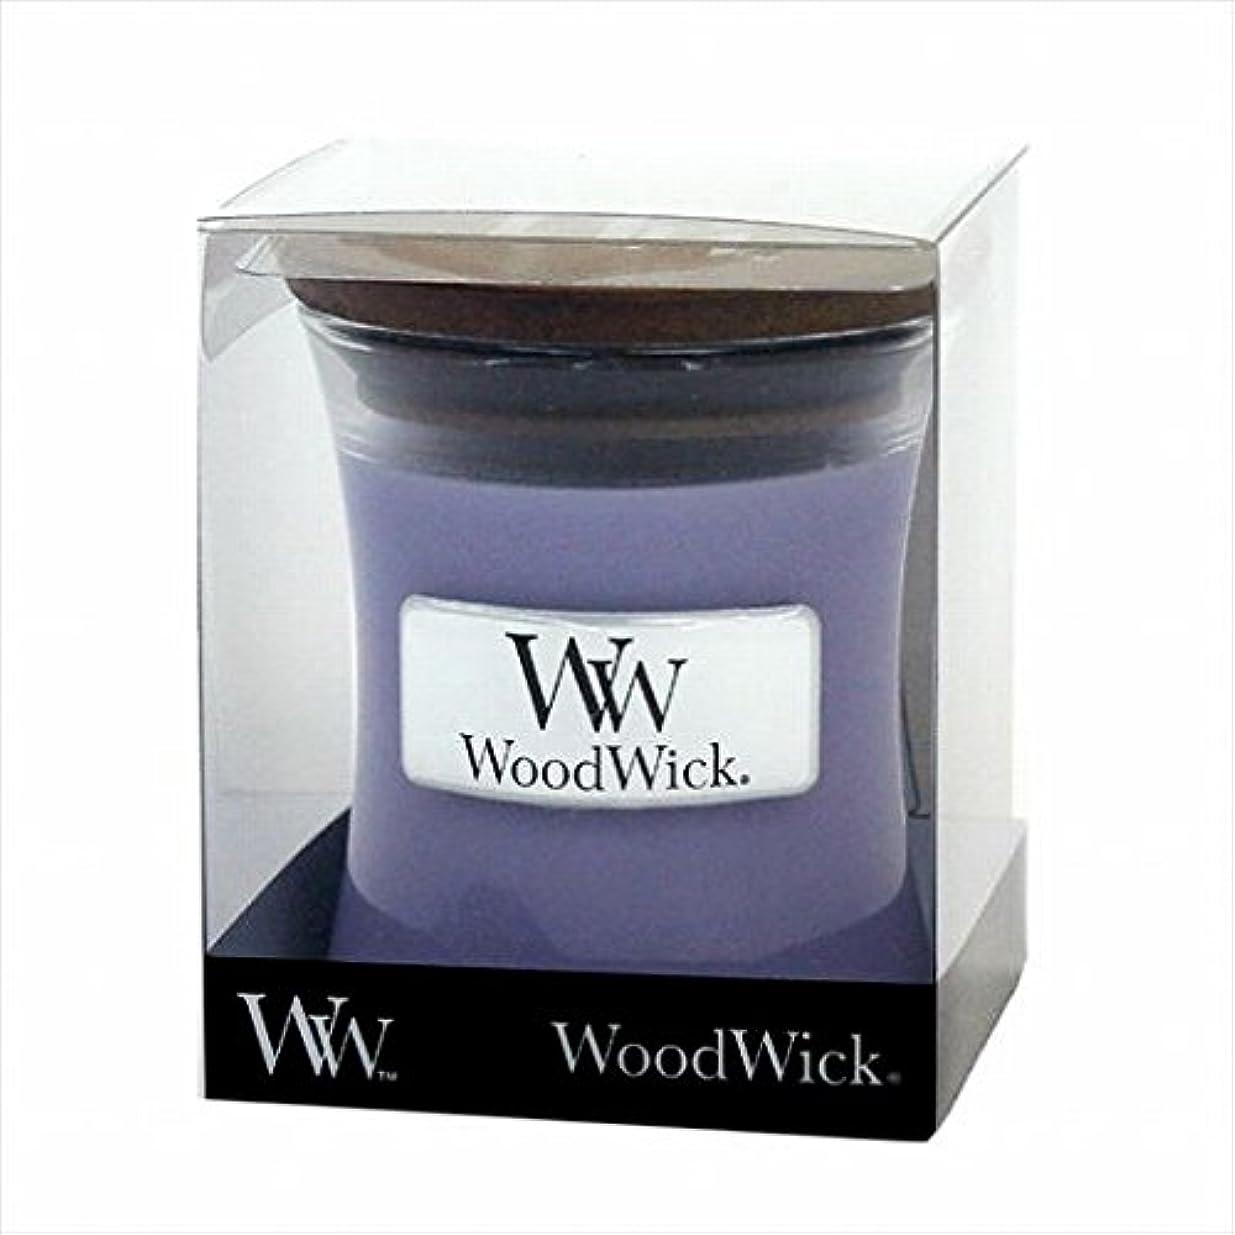 遺棄されたスプリット王位カメヤマキャンドル( kameyama candle ) Wood Wick ジャーS 「 ラベンダースパ 」